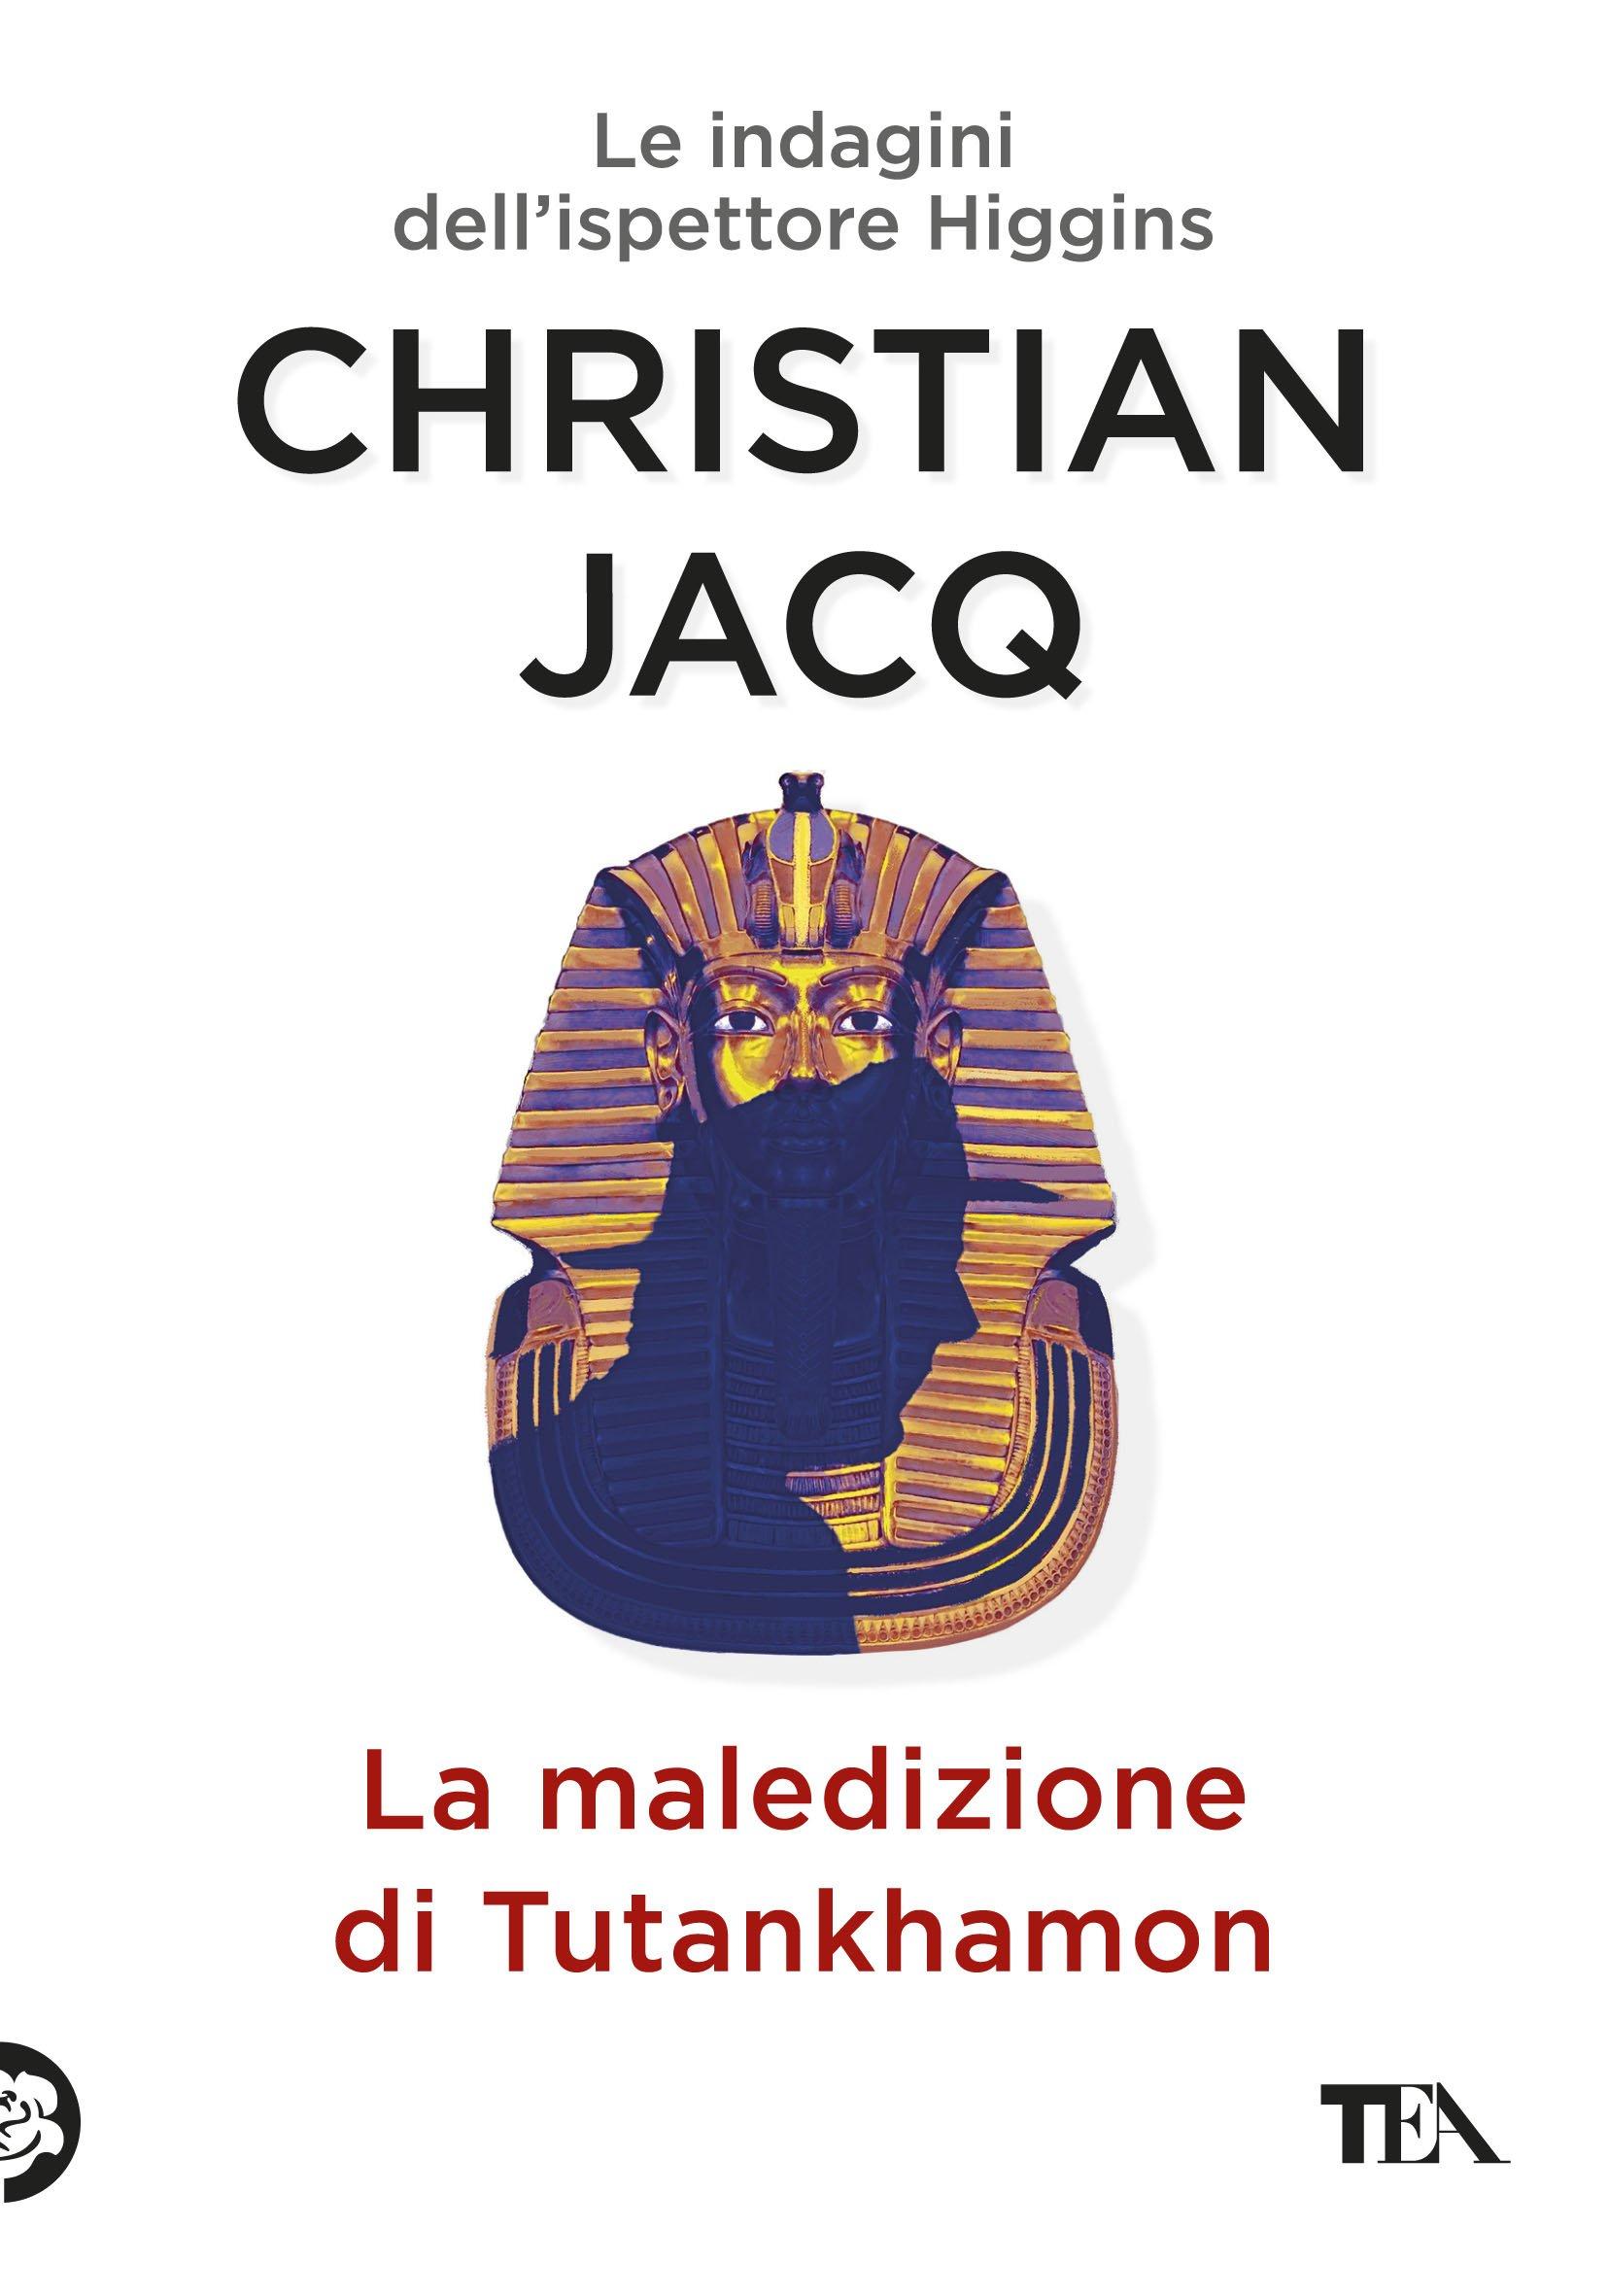 La maledizione di Tutankhamon. Le indagini dellispettore Higgins Narrativa Tea: Amazon.es: Jacq, Christian, Zabini, A.: Libros en idiomas extranjeros